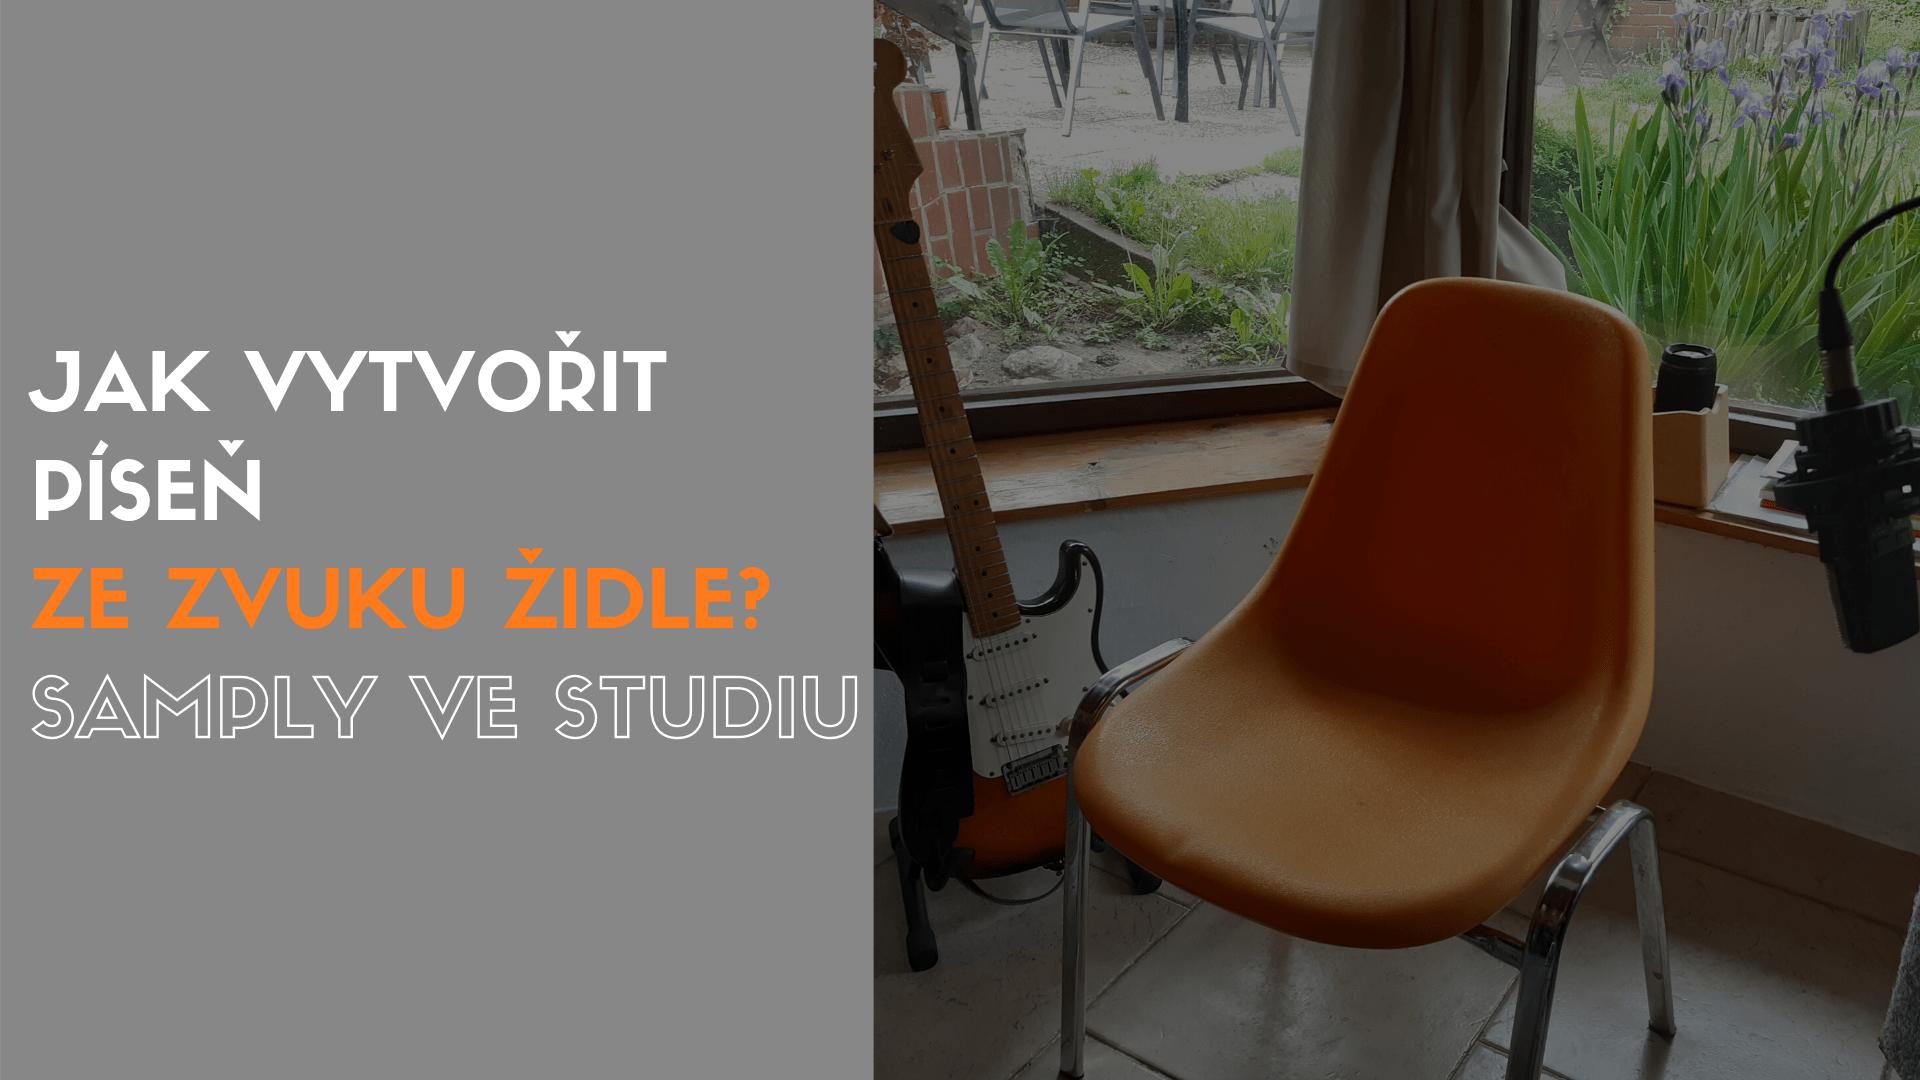 Jak vytvořit  píseň ze zvuků židle? Samply ve studiu